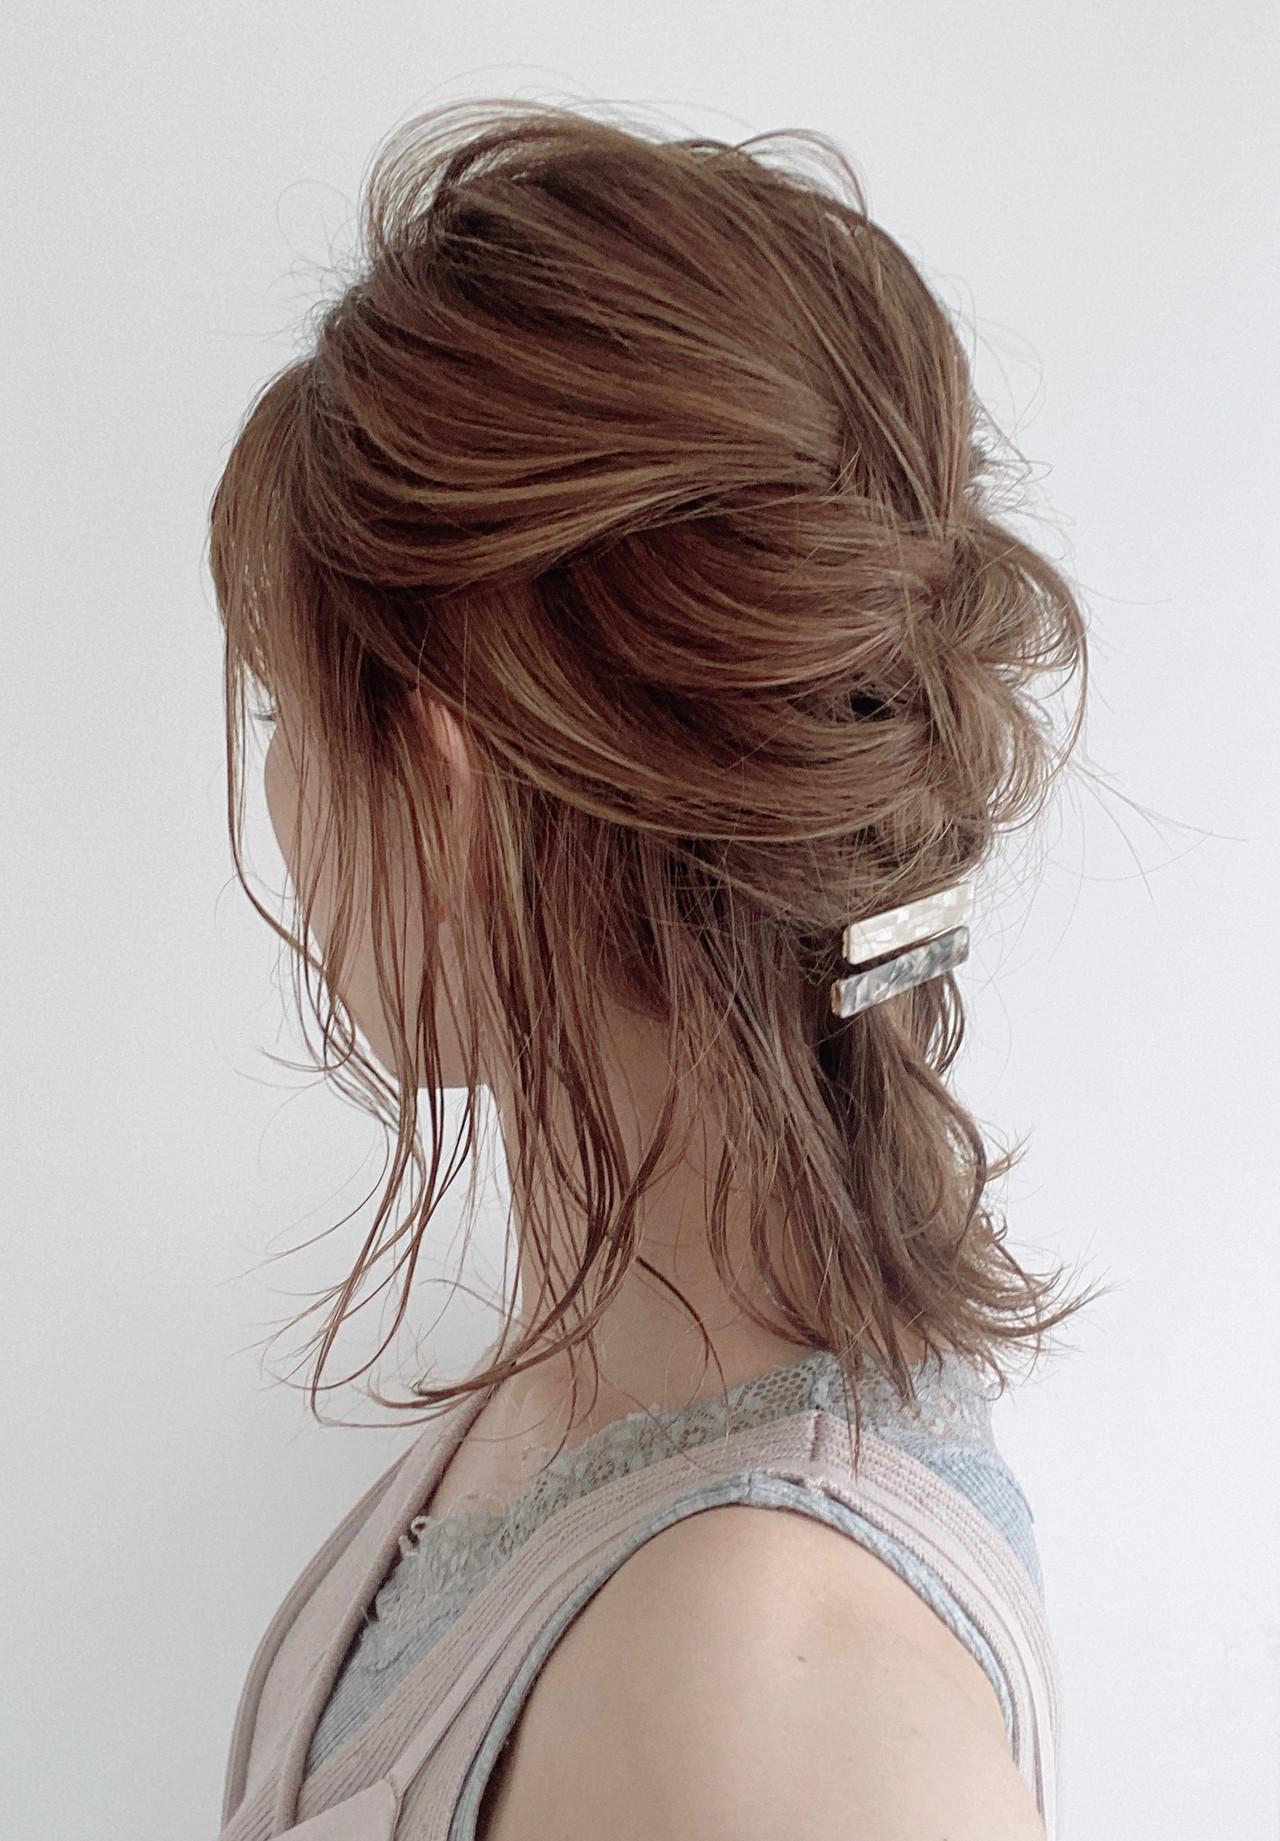 ミディアム ナチュラル セルフヘアアレンジ 編み込み ヘアスタイルや髪型の写真・画像 | 宮崎 まさみ / APPiiS